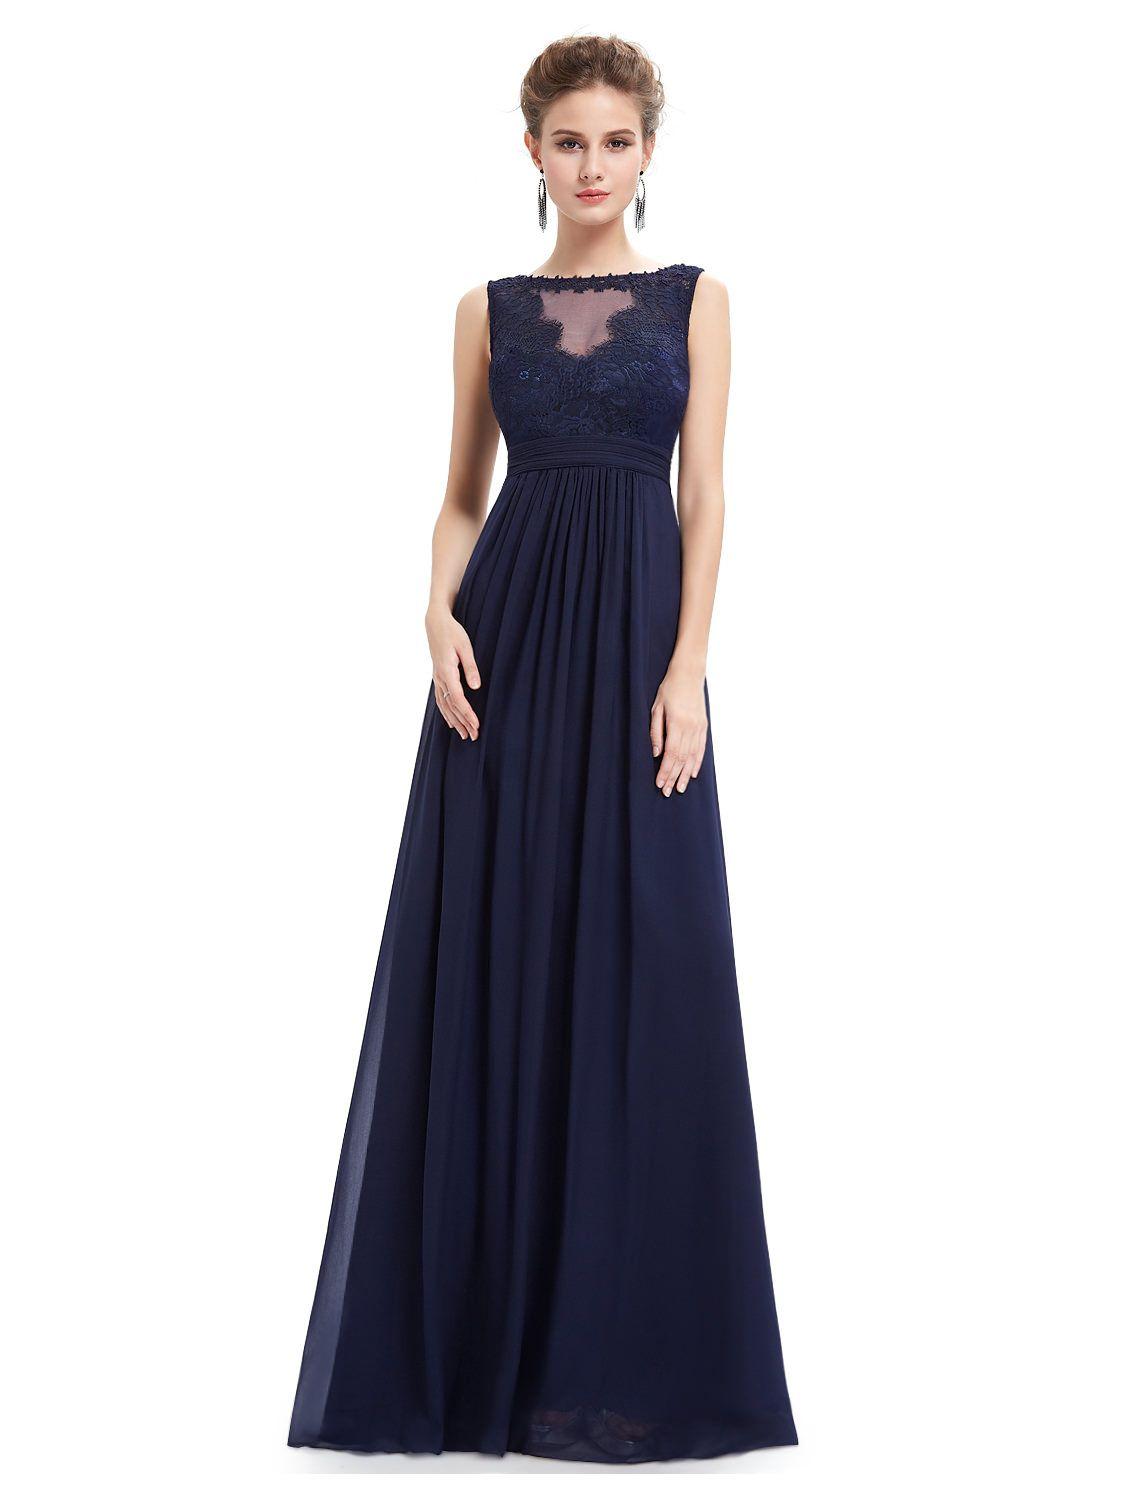 langes abendkleid mit spitze in blau | chiffon abendkleider